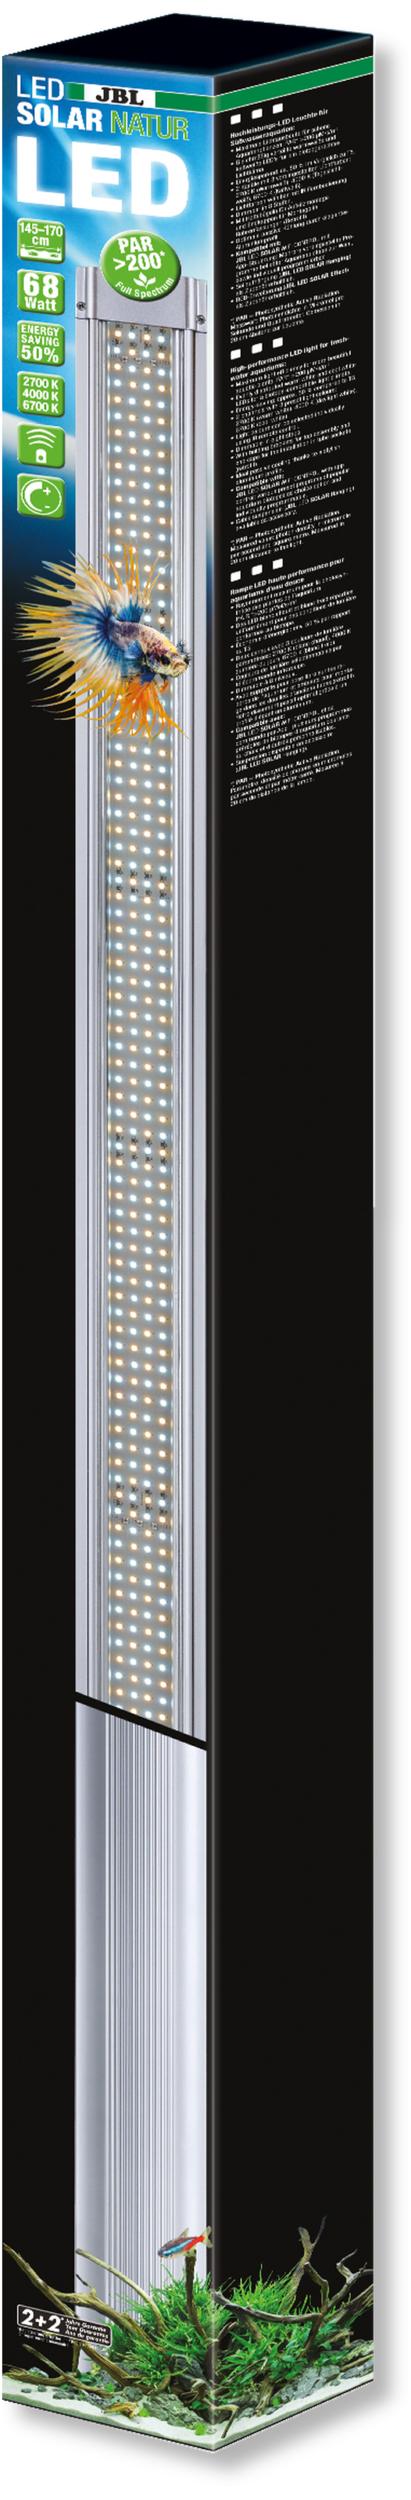 JBL LED Solar Natur 68W rampe aquarium Eau douce de 145 à 170 cm ou remplace tube T5 et T8